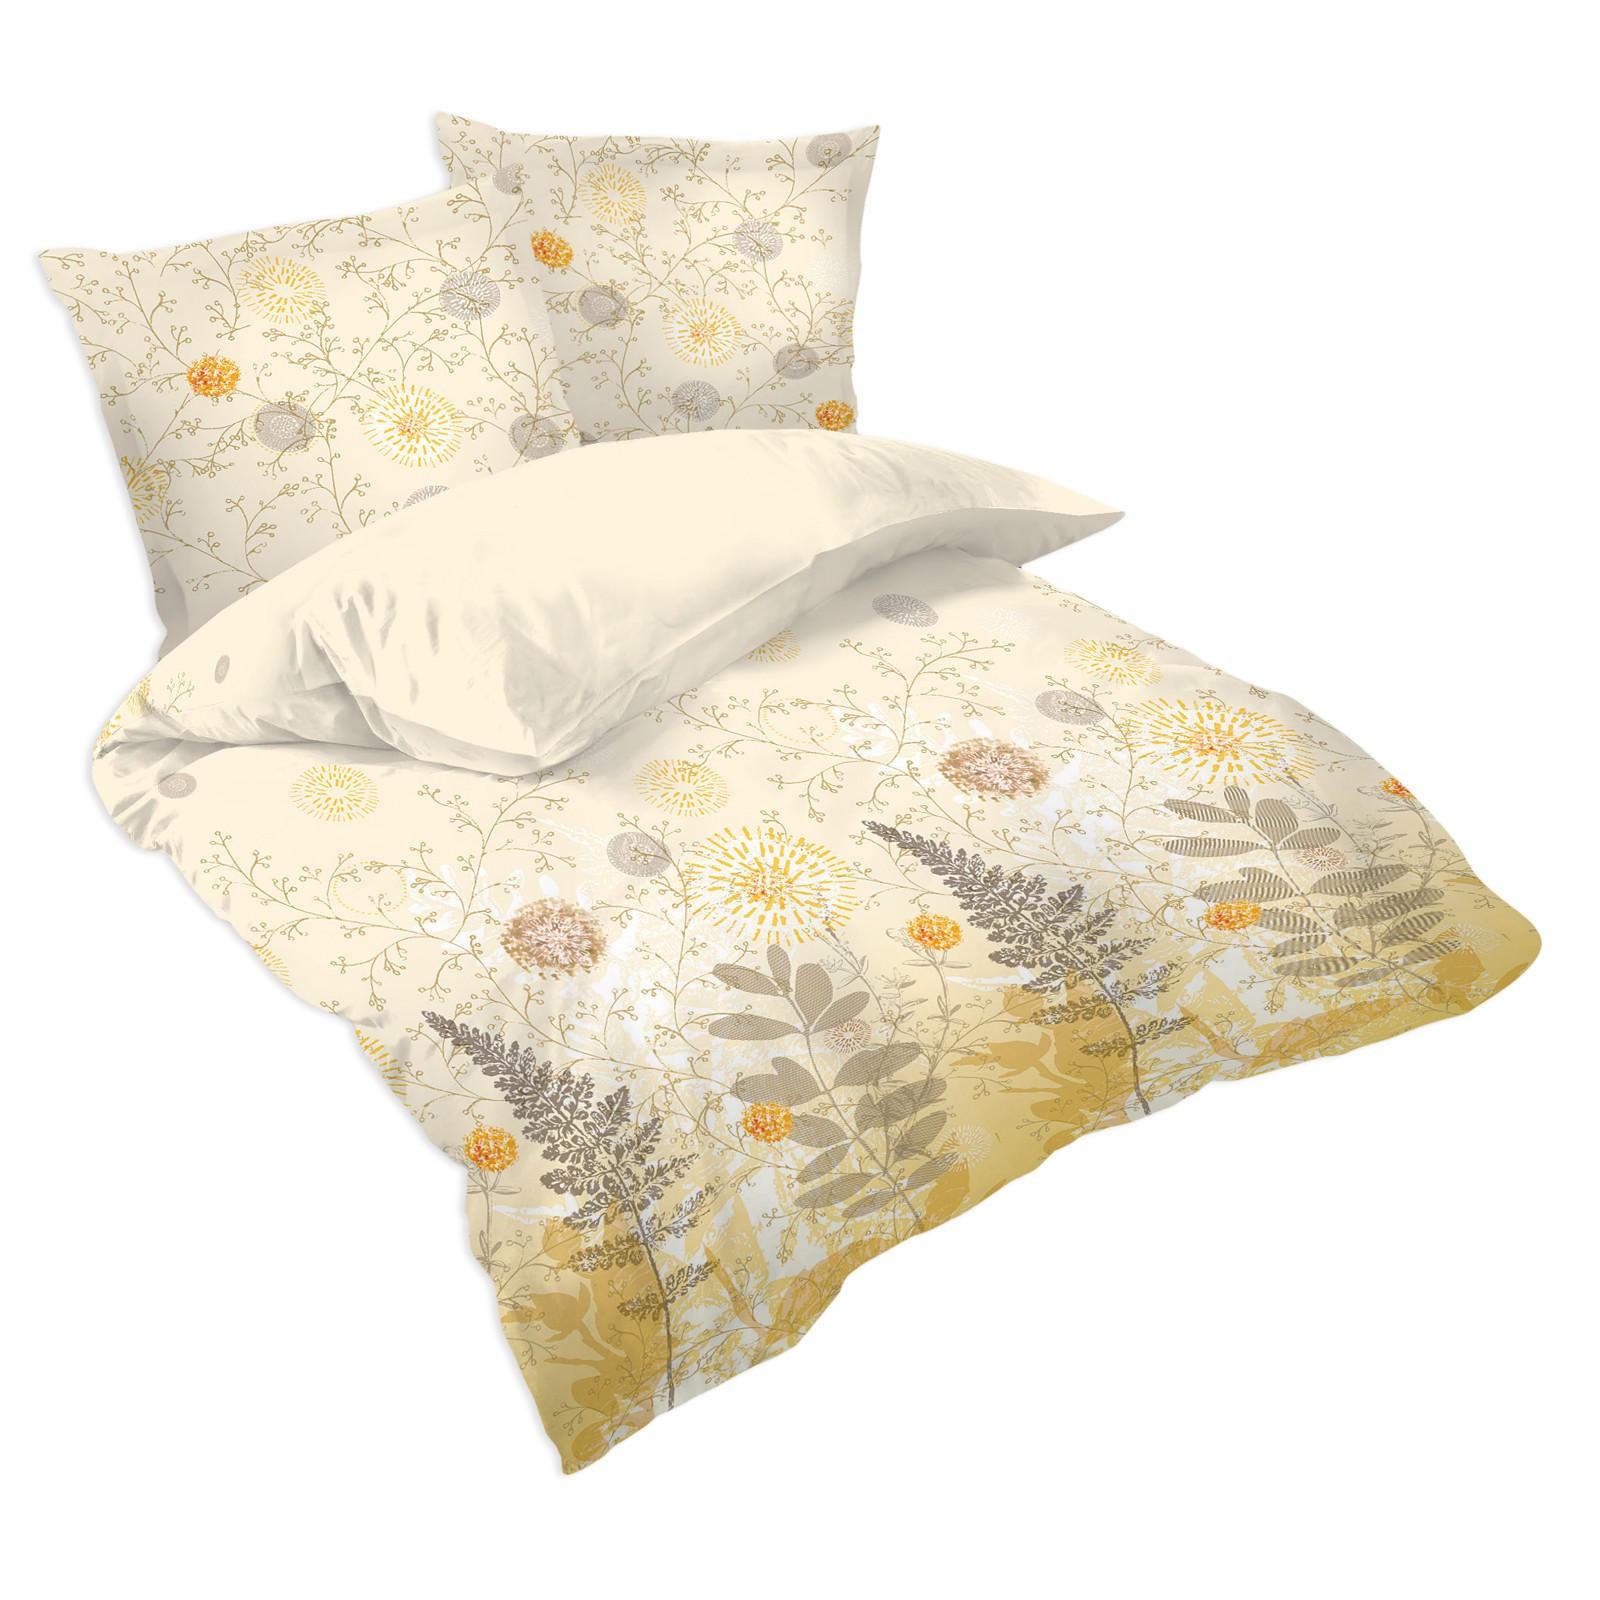 75a56e898c220 Sunrise - 100% Coton Parure de Lit (Housse de couette et Taies d oreiller)  - SoulBedroom